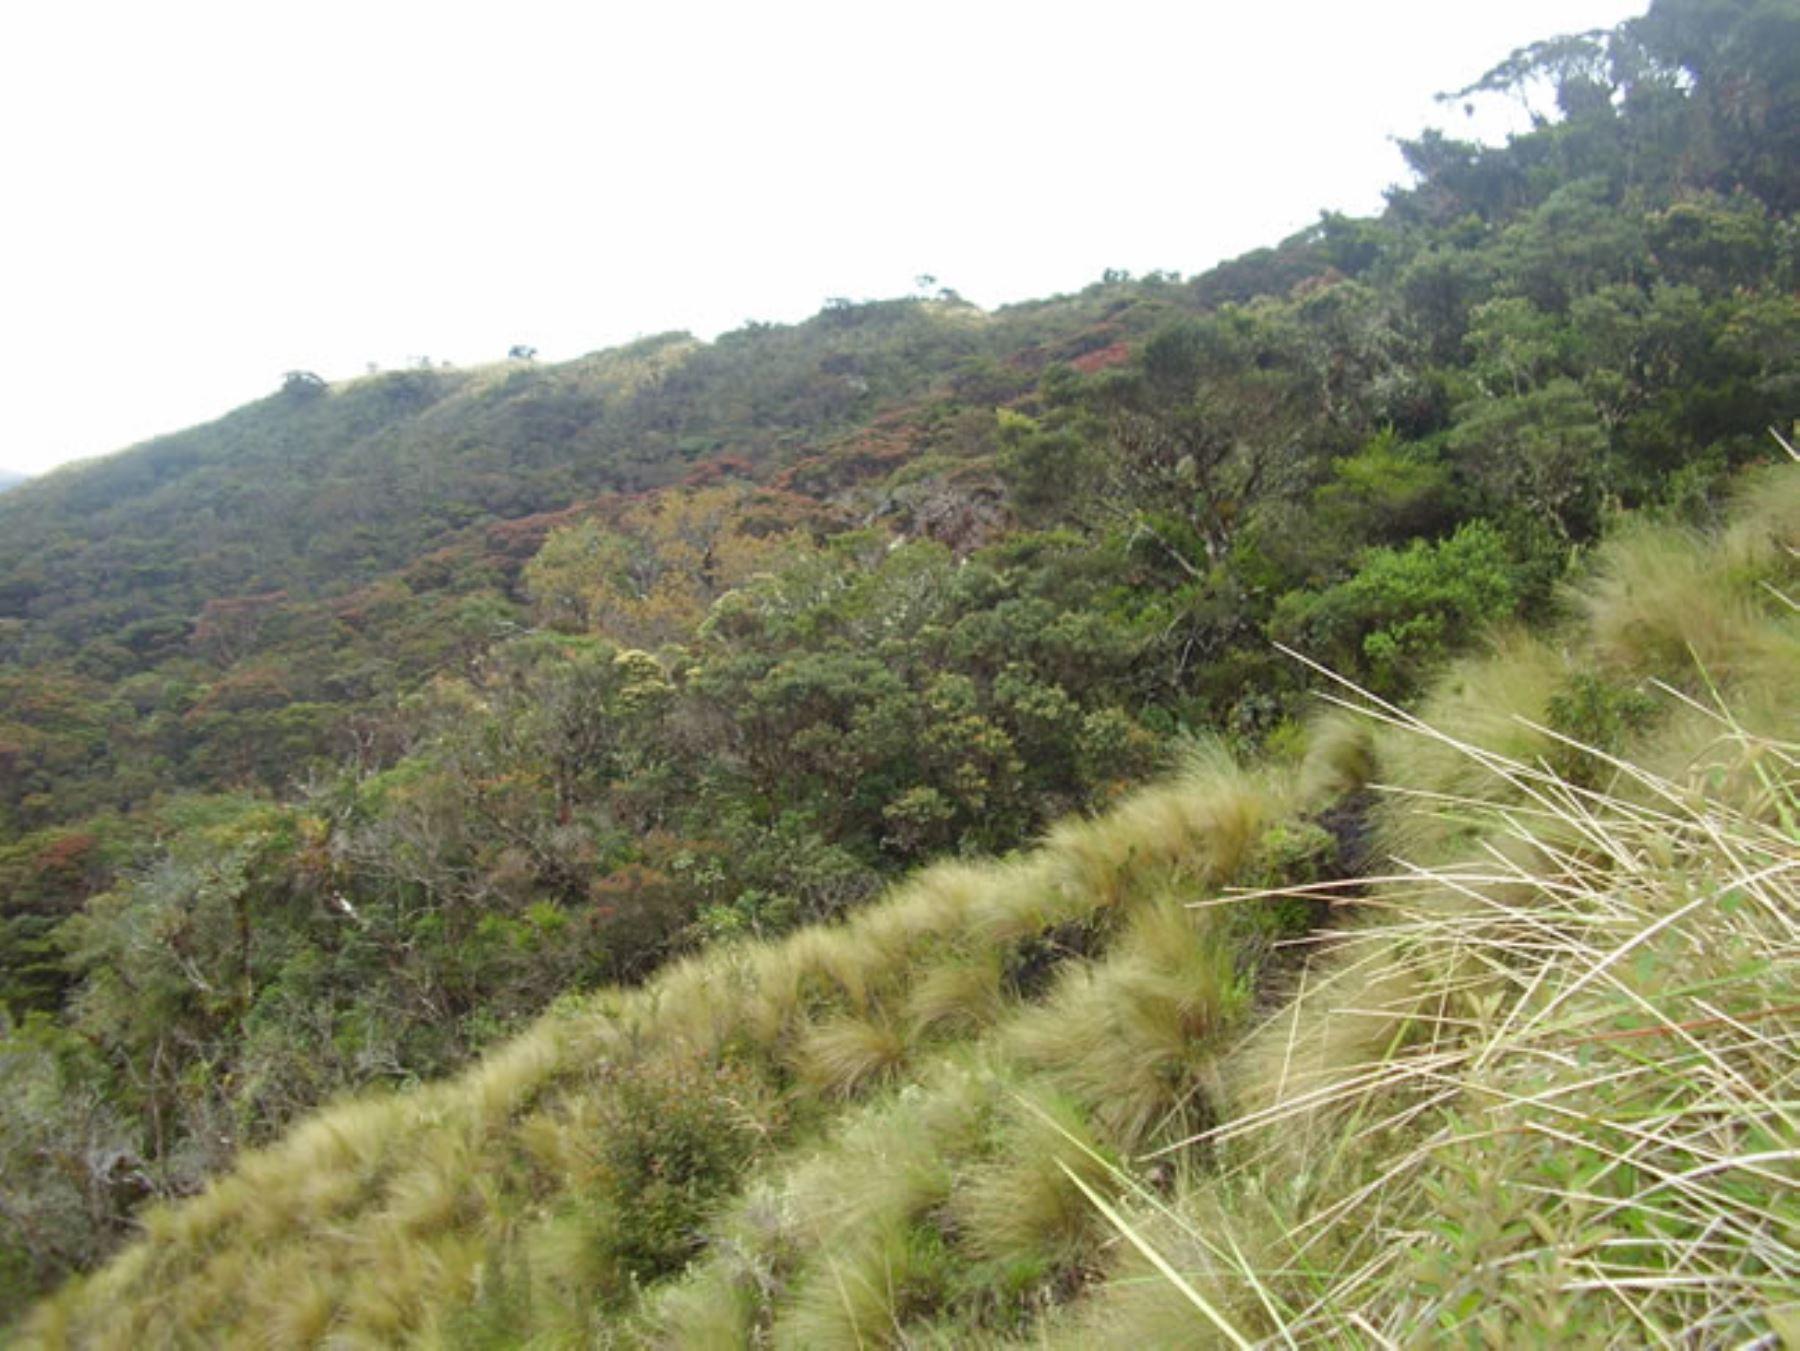 """Gobierno Regional de Amazonas impulsa creación de Área de Conservación Regional """"Bosques Tropicales Estacionalmente Secos del Marañón"""", para preservar una importante biodiversidad en esa región del oriente peruano."""